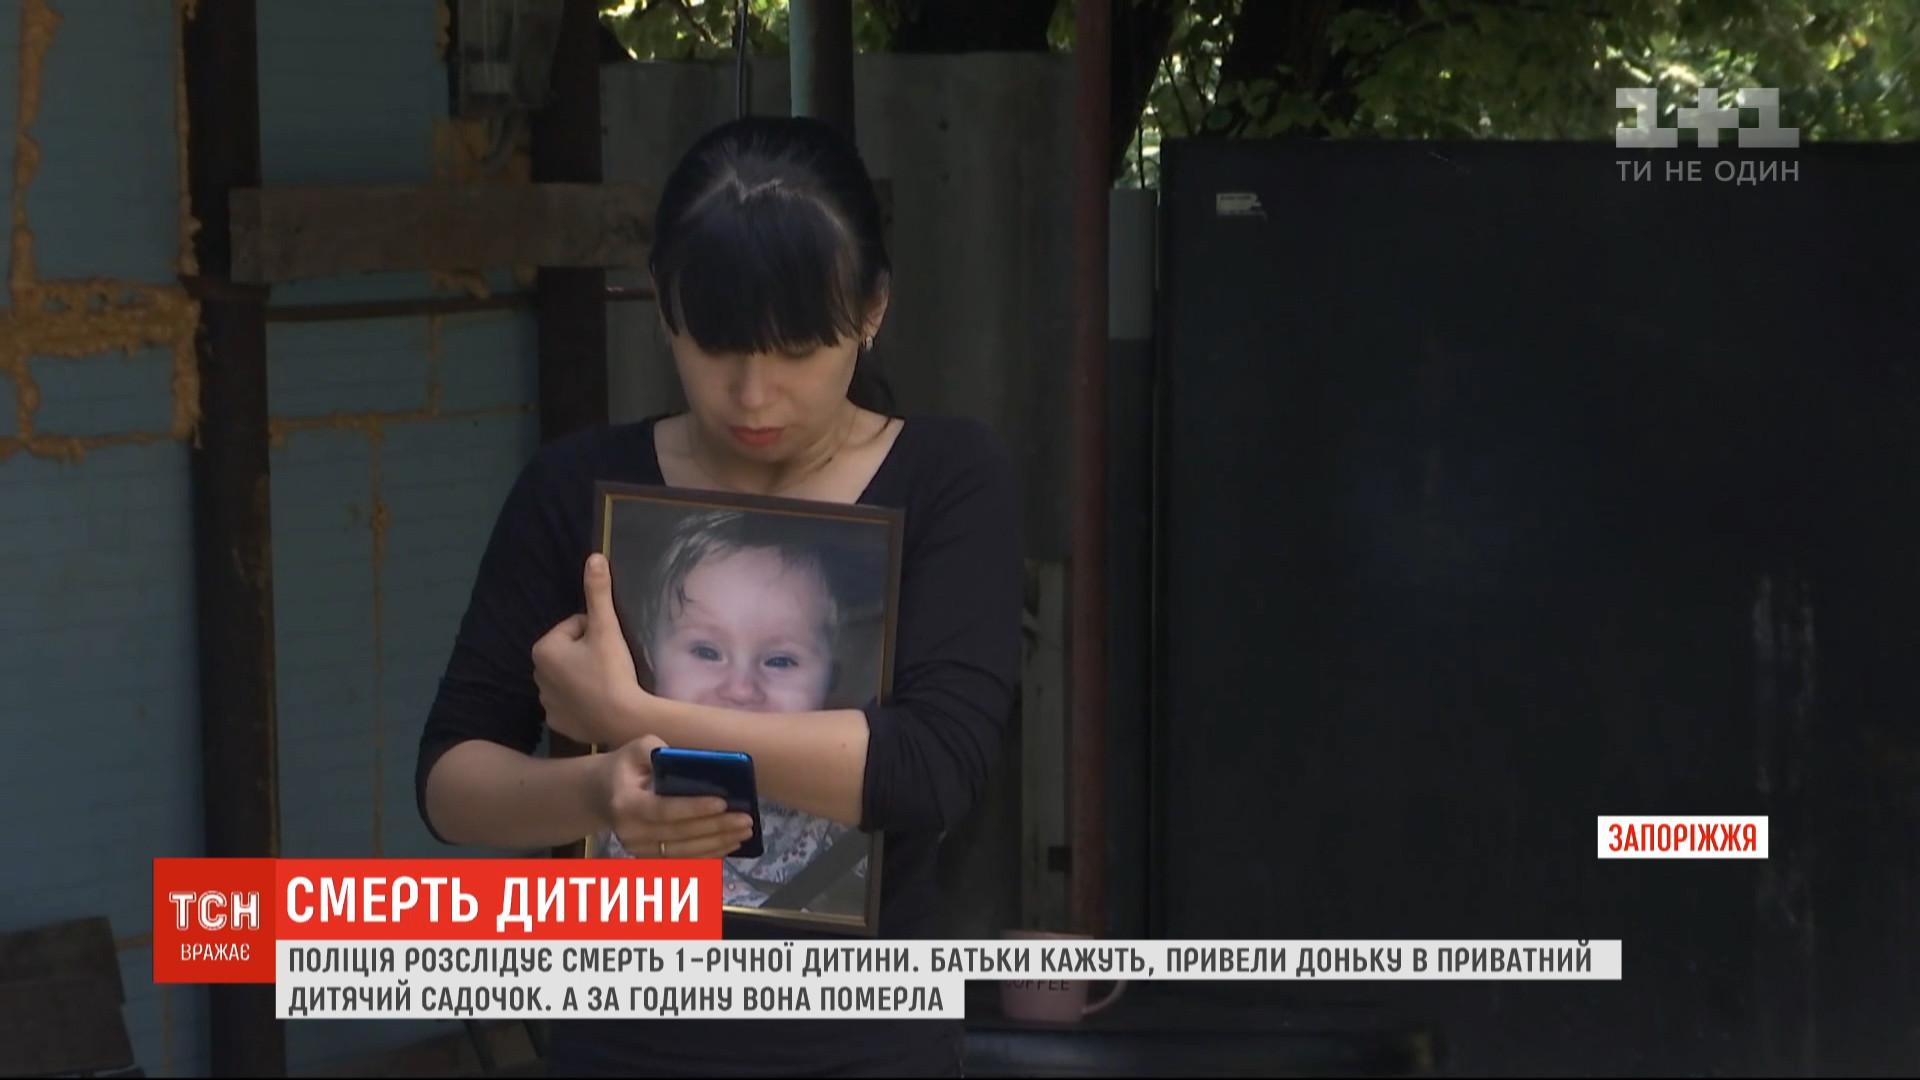 Дитина загинула у нелегальному дитсадочку на Запоріжжі / скріншот